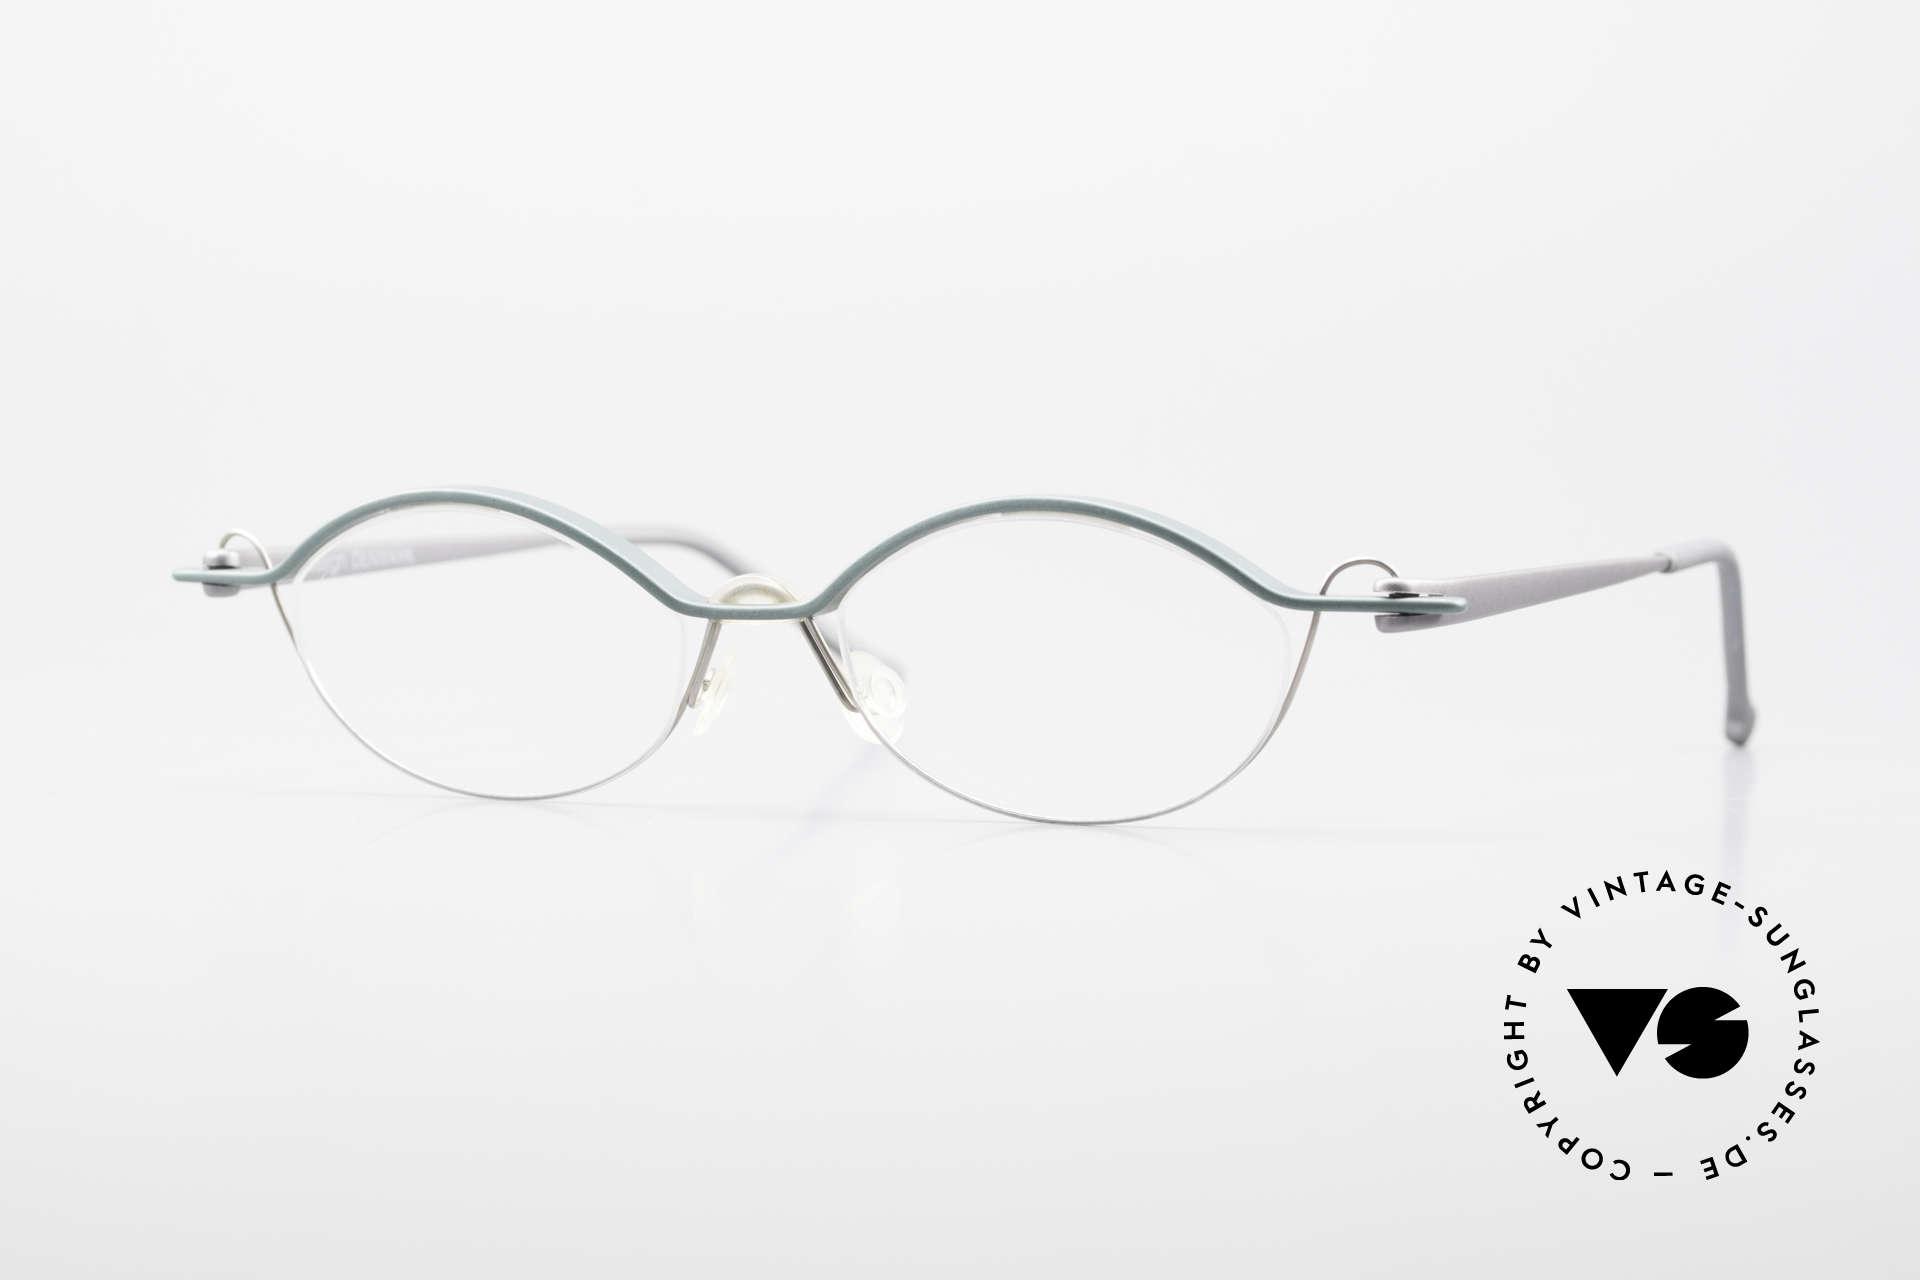 ProDesign No25 Gail Spence Aluminium Frame, Pro Design N°TwentyFive - Optic Studio Denmark, Made for Men and Women